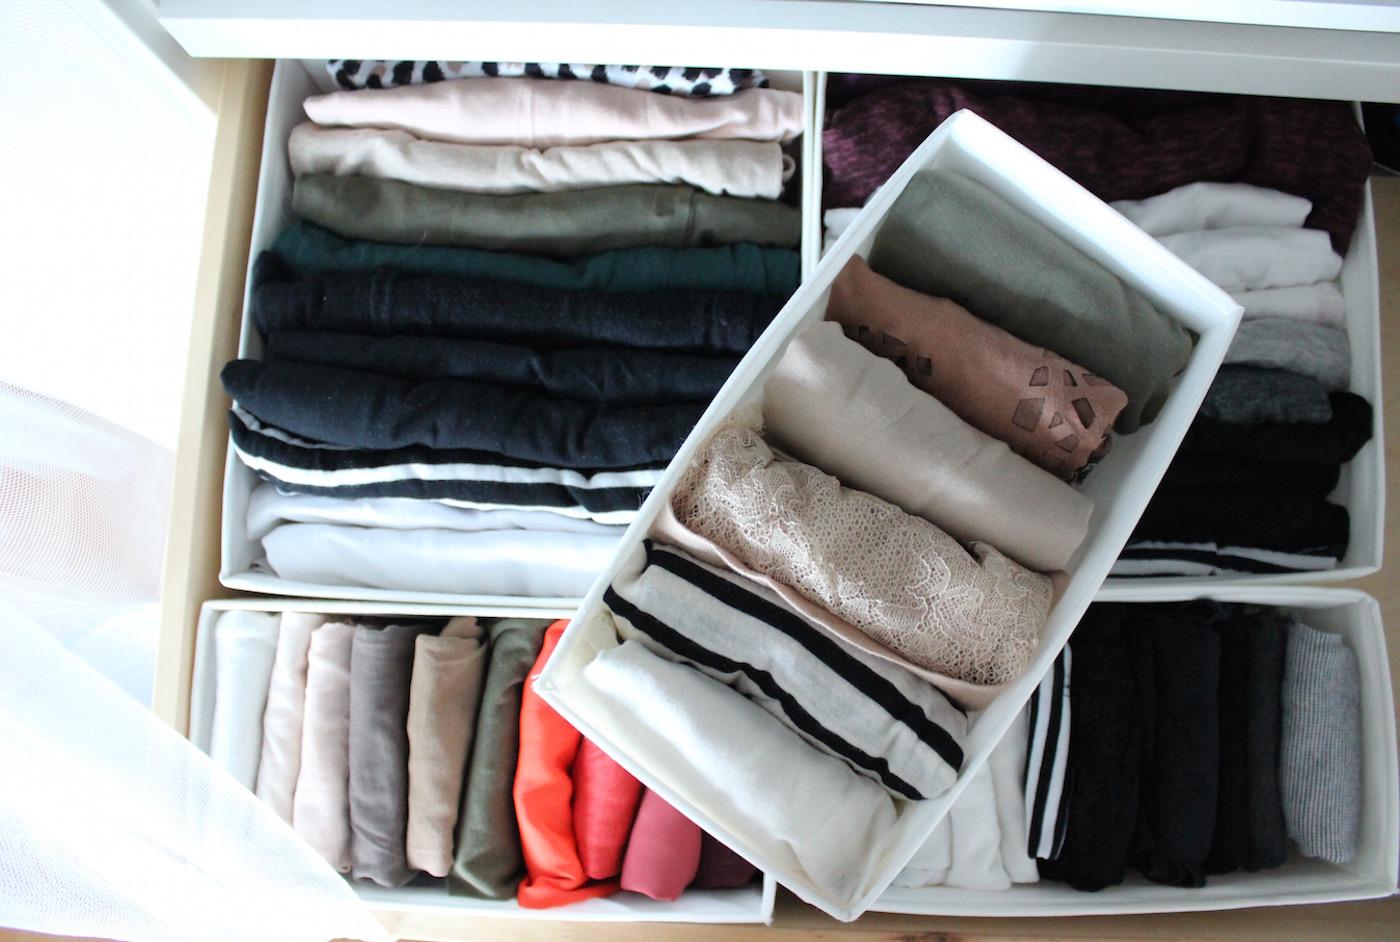 TheBlondeLion 6 organizing hacks wardrobe Kleiderschrank Inspiration Interior http://www.theblondelion.com/2015/08/interior-5-organizing-hacks-wardrobe.html